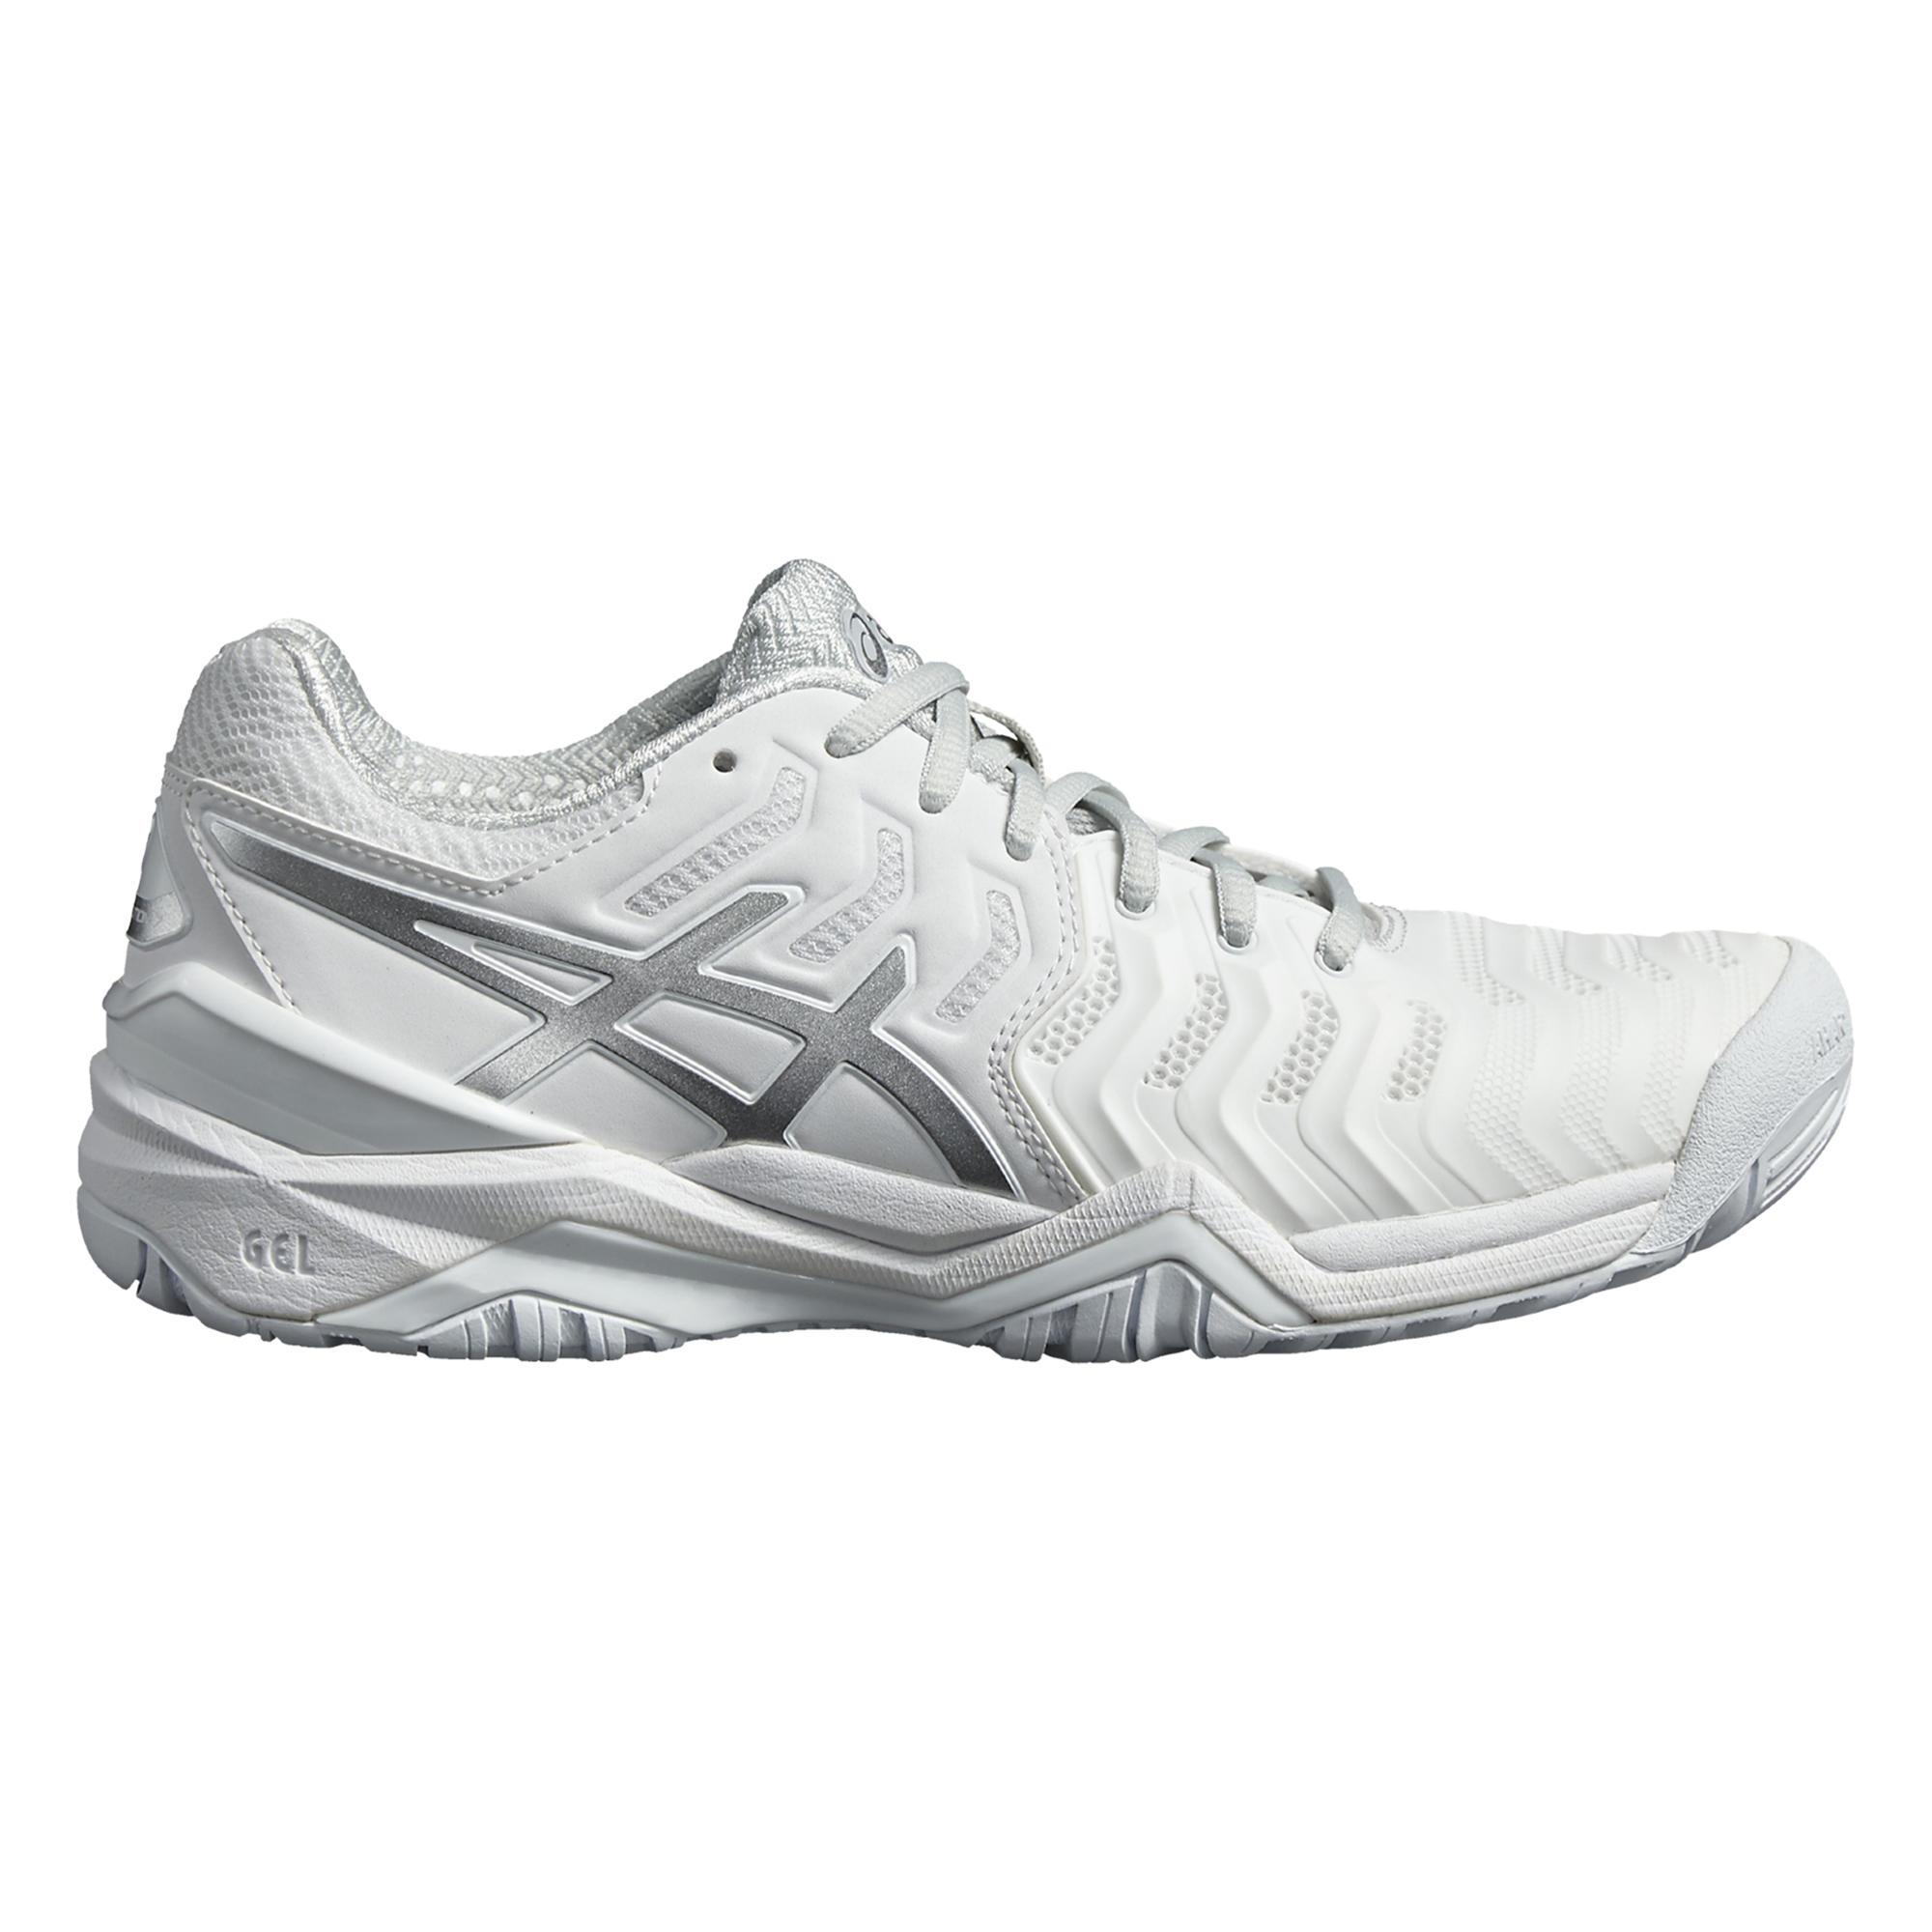 nuevo producto 5f47e d53d1 Comprar Zapatillas y calzado de tenis mujer online | Decathlon